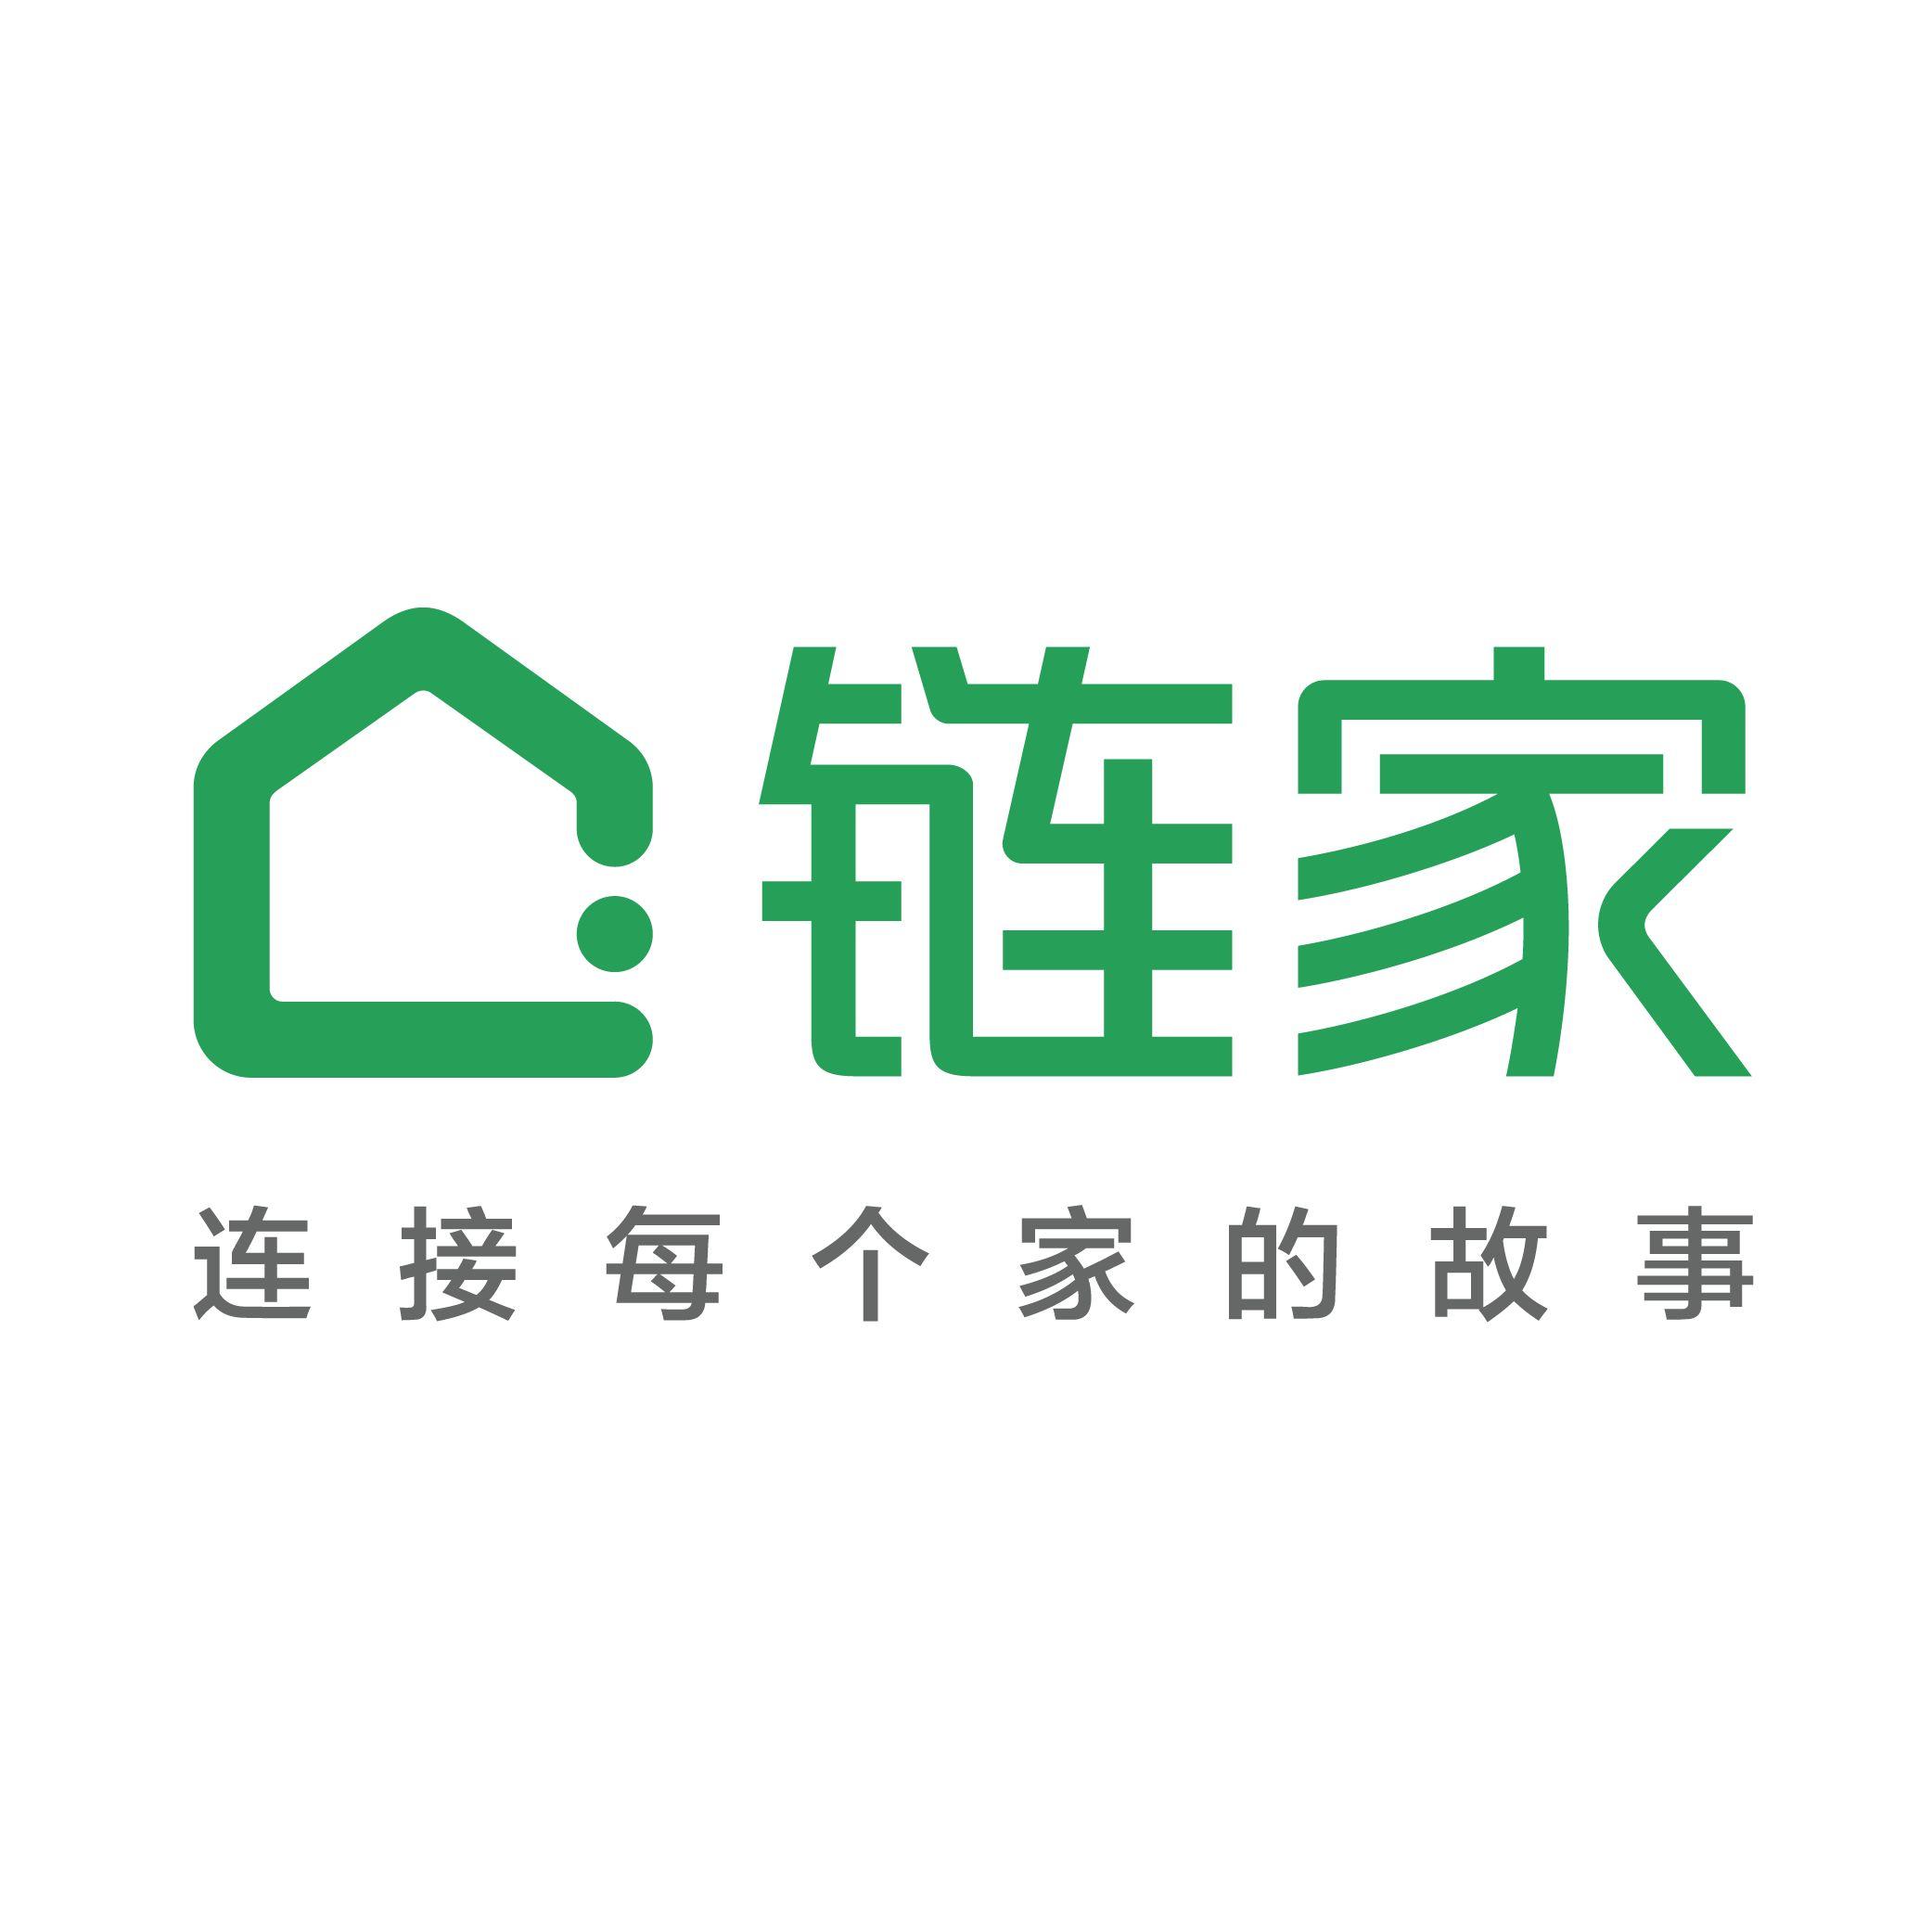 上海链家房地产经纪有限公司最新招聘信息